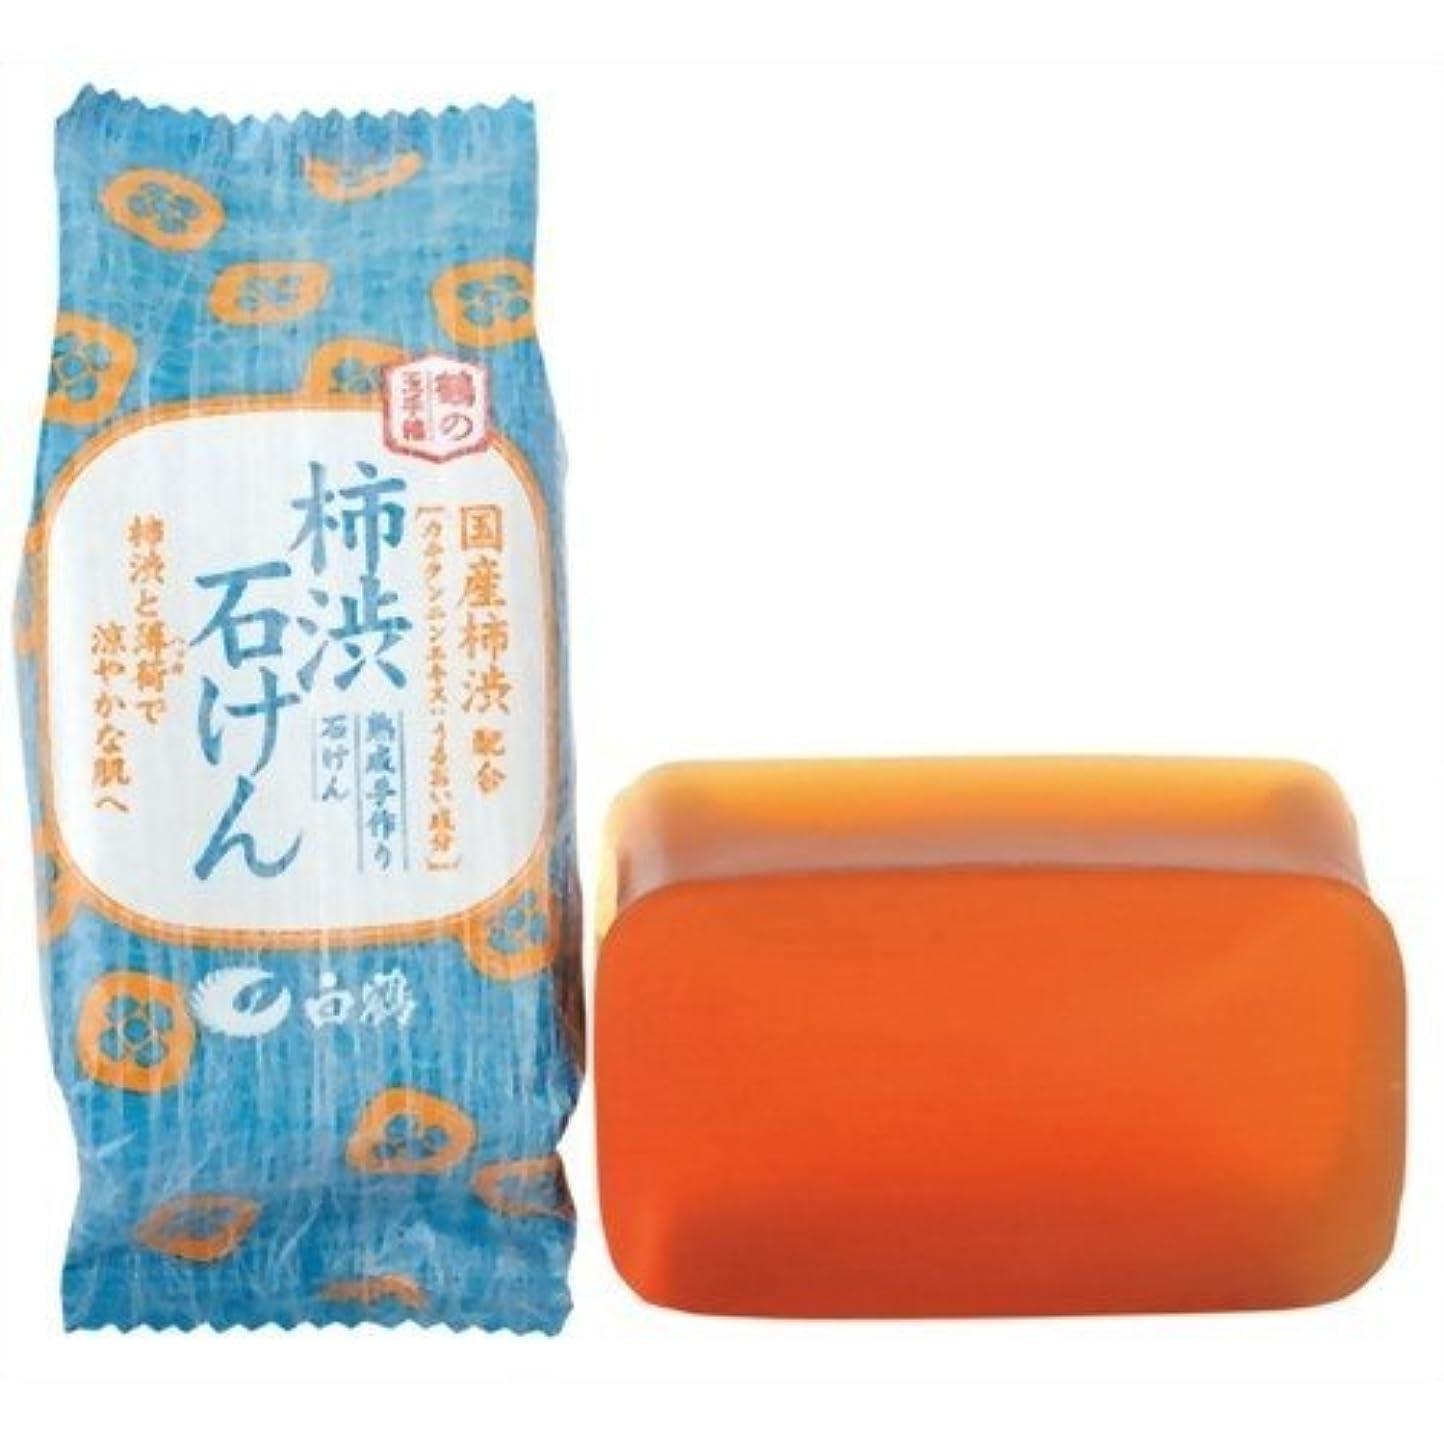 ファン感謝適応白鶴 鶴の玉手箱 薬用 柿渋石けん 110g × 10個